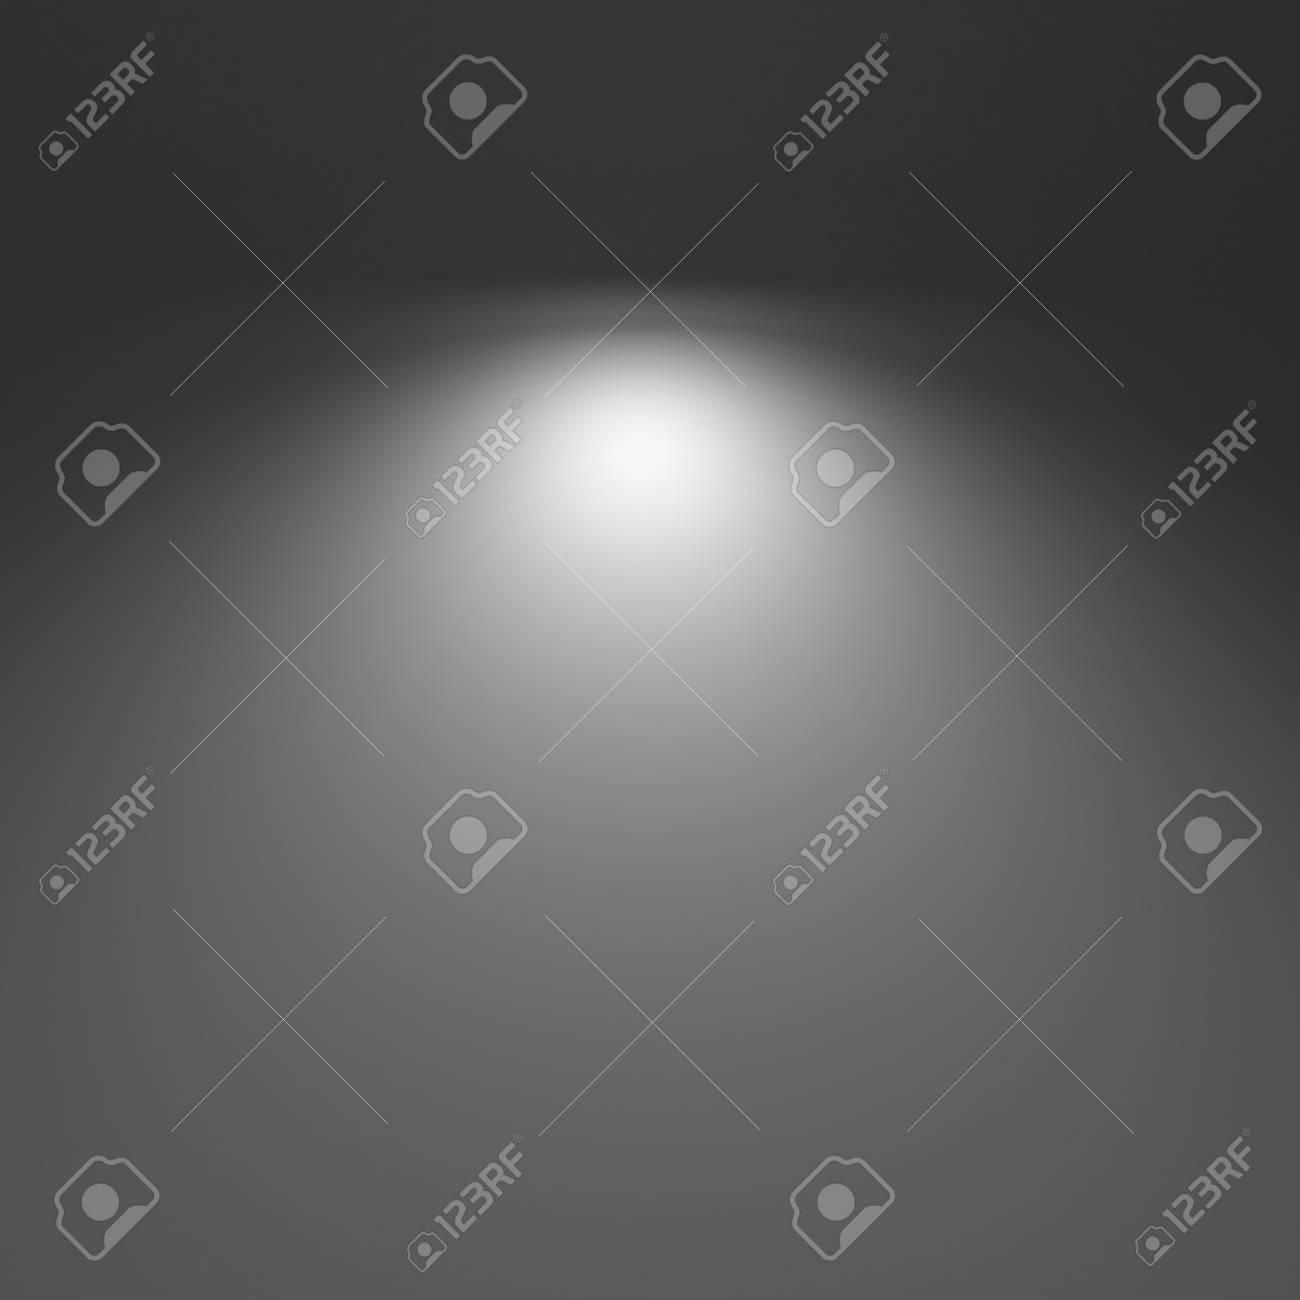 Light in the dark background - 37841368